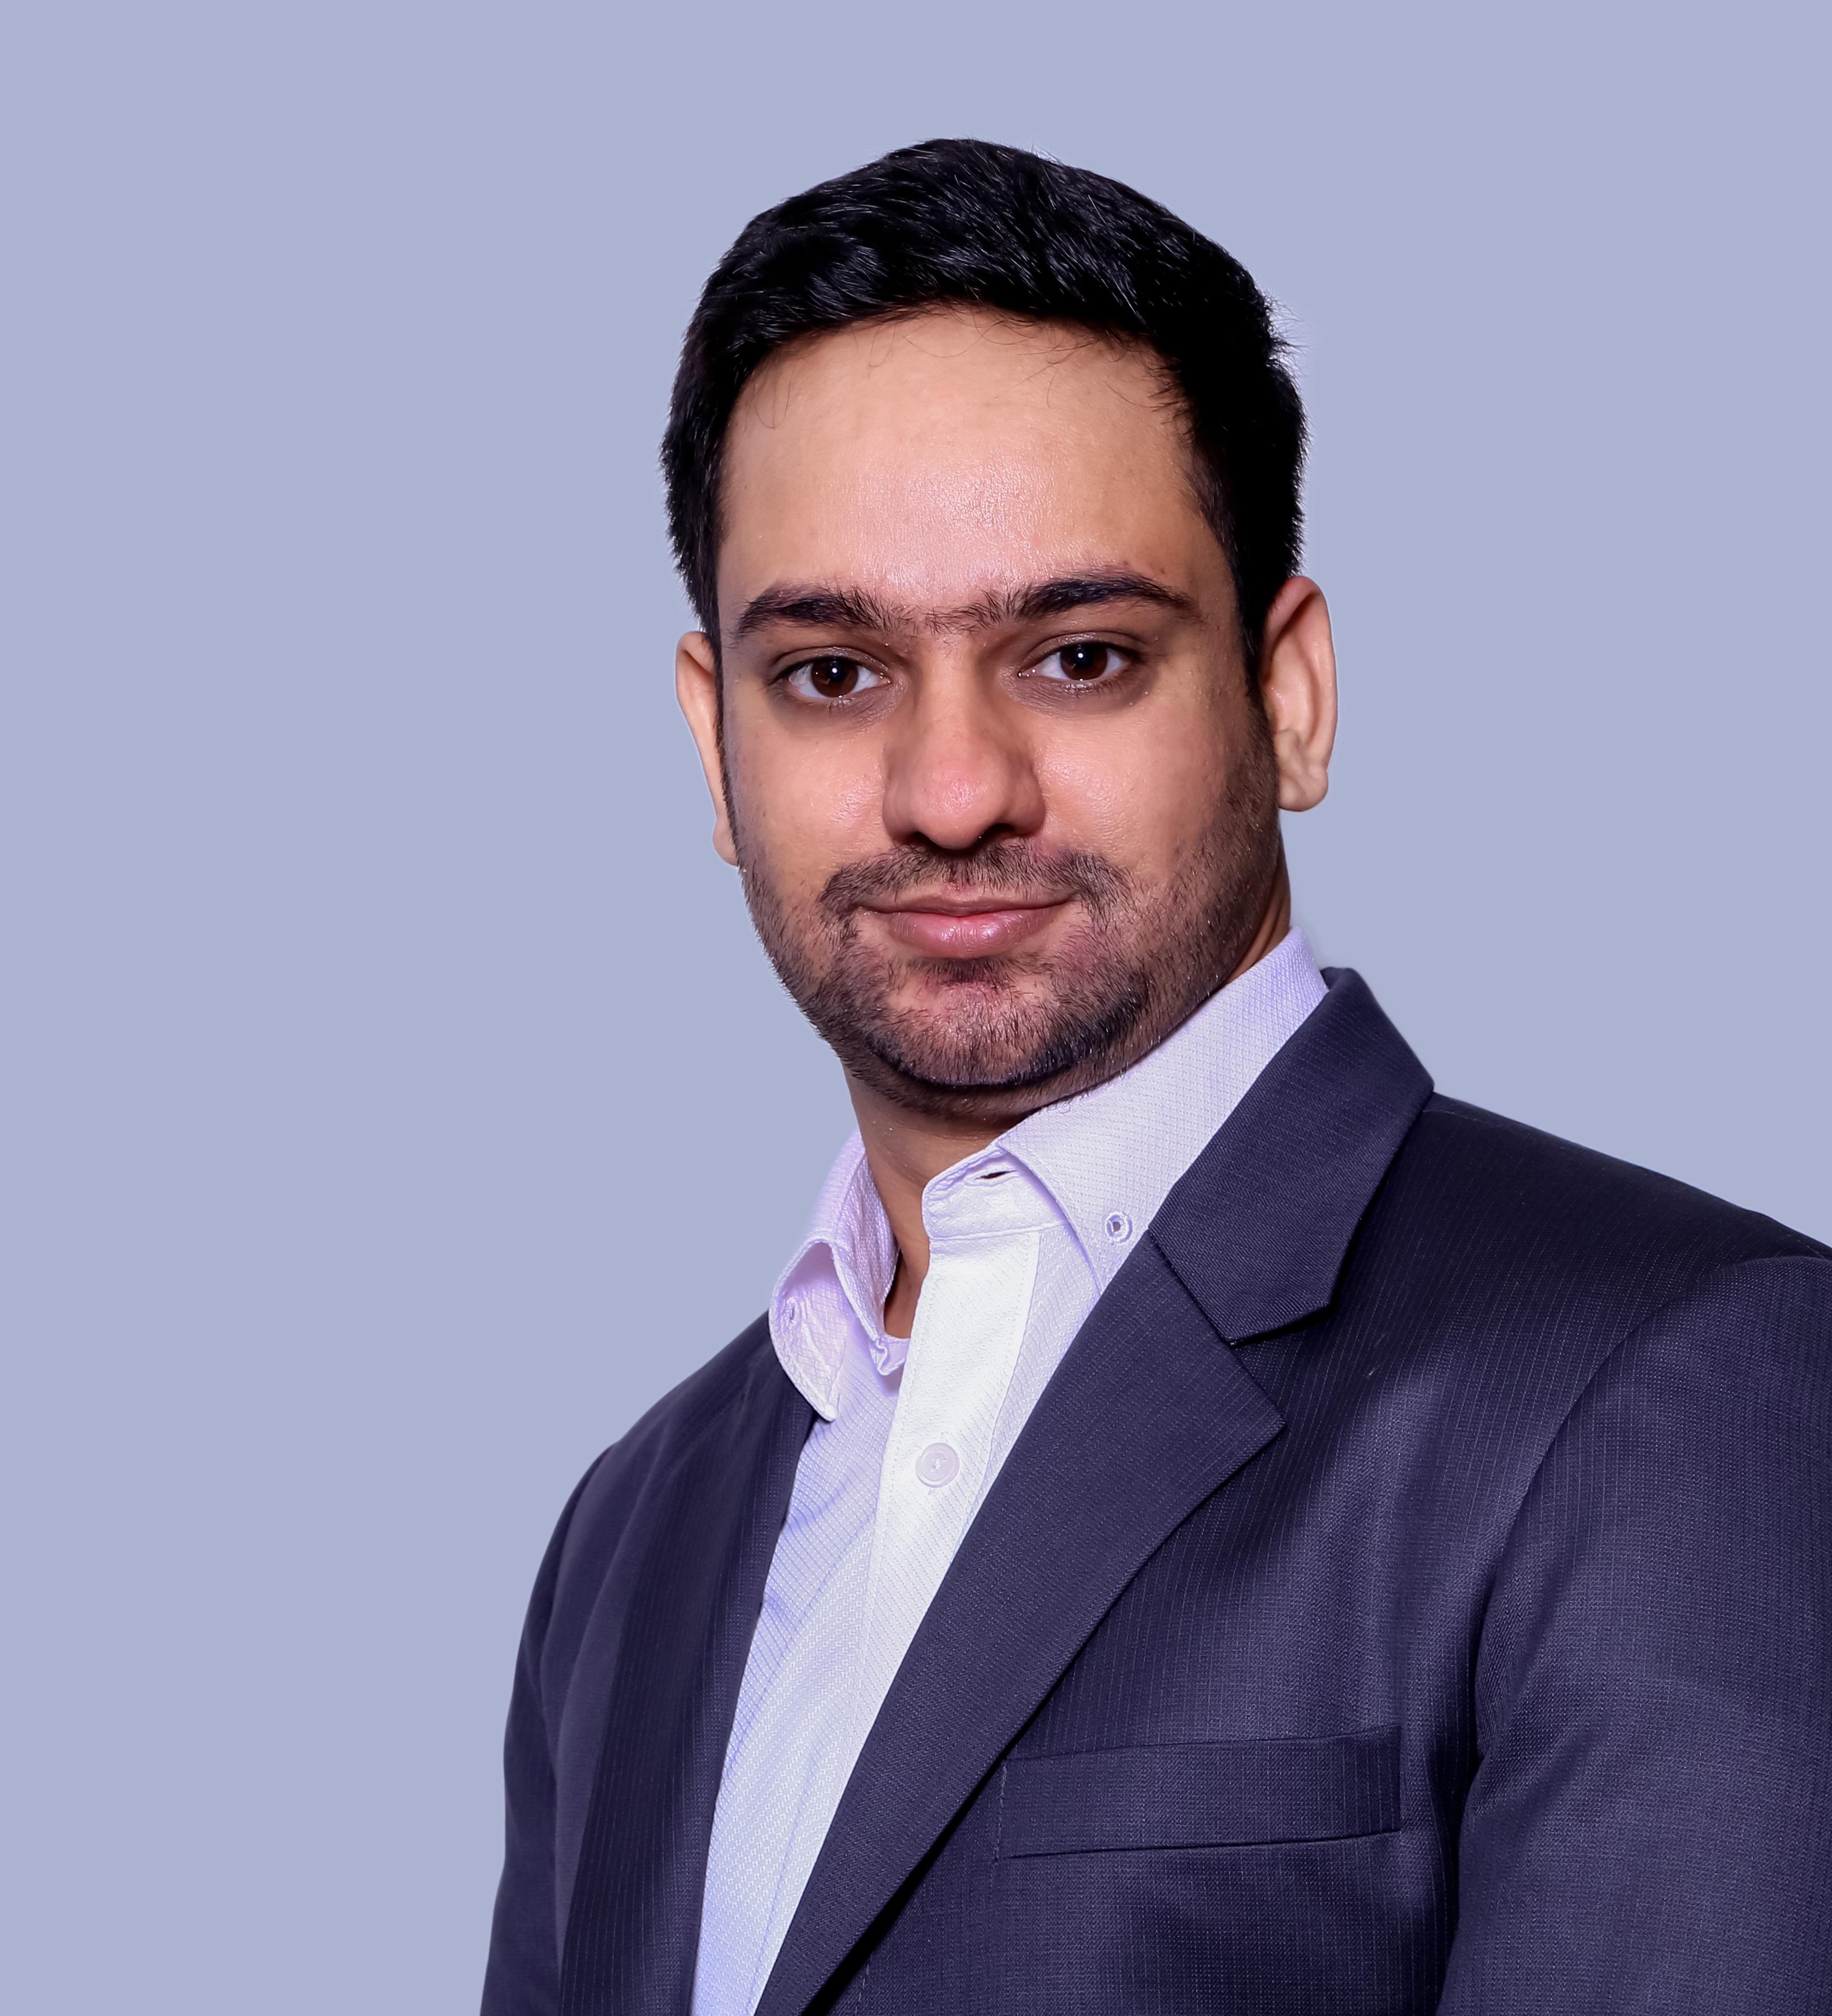 Pankaj Singh Bhati